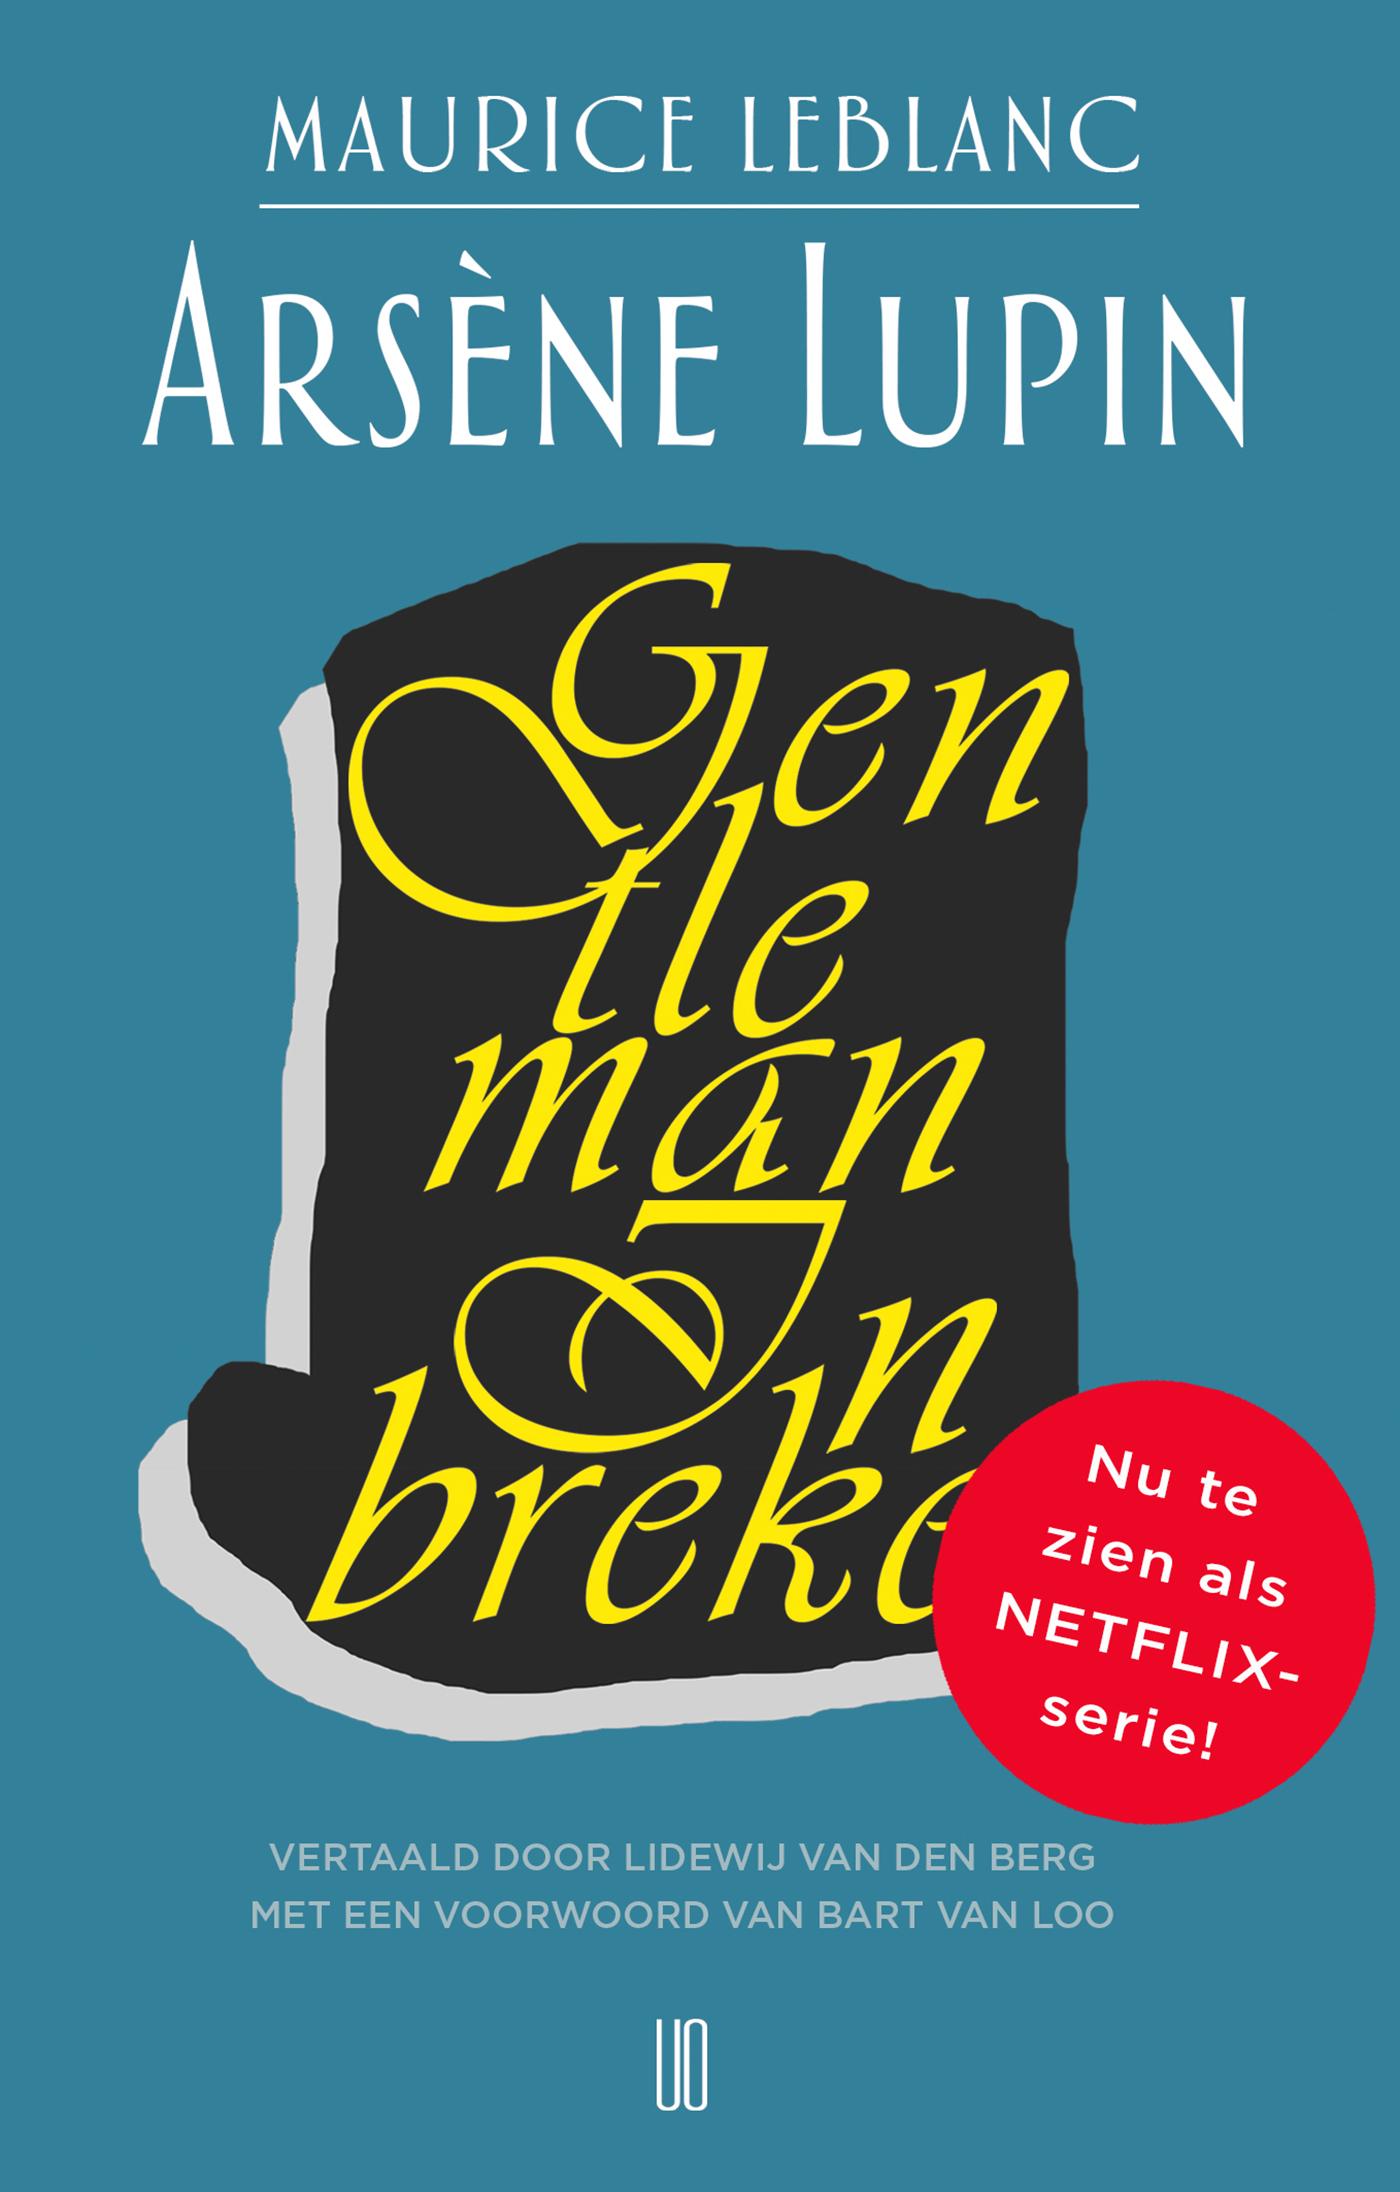 Lupin Gentleman inbreker - boekenflits